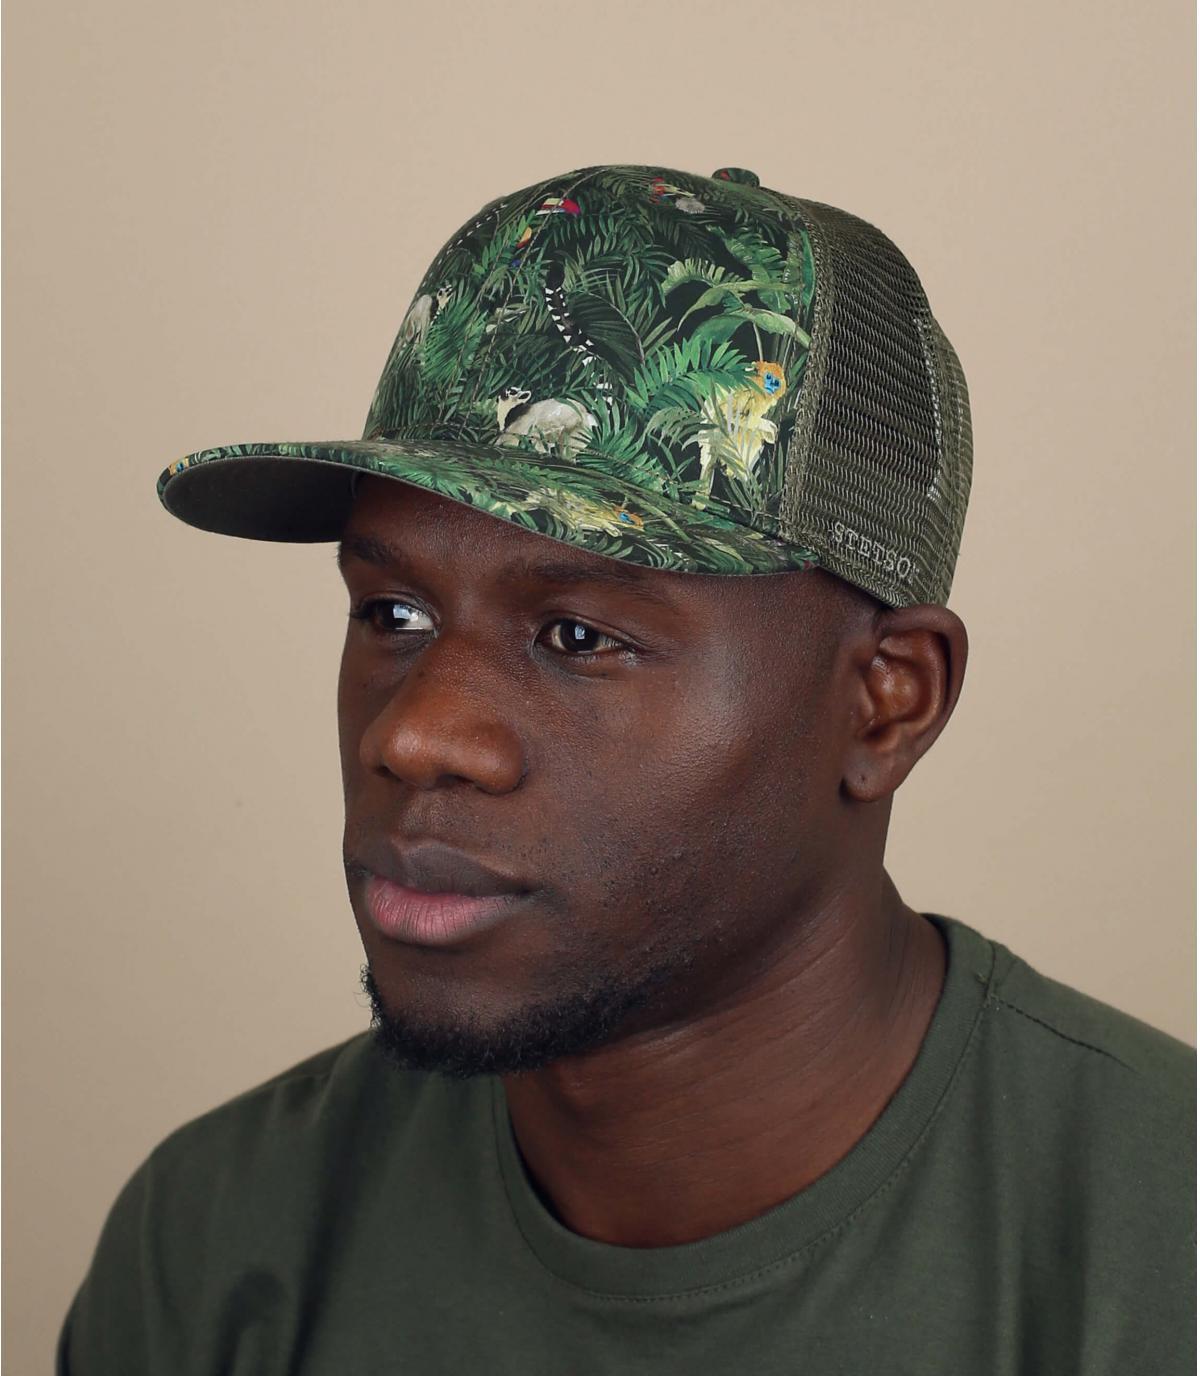 Stetson jungle trucker cap